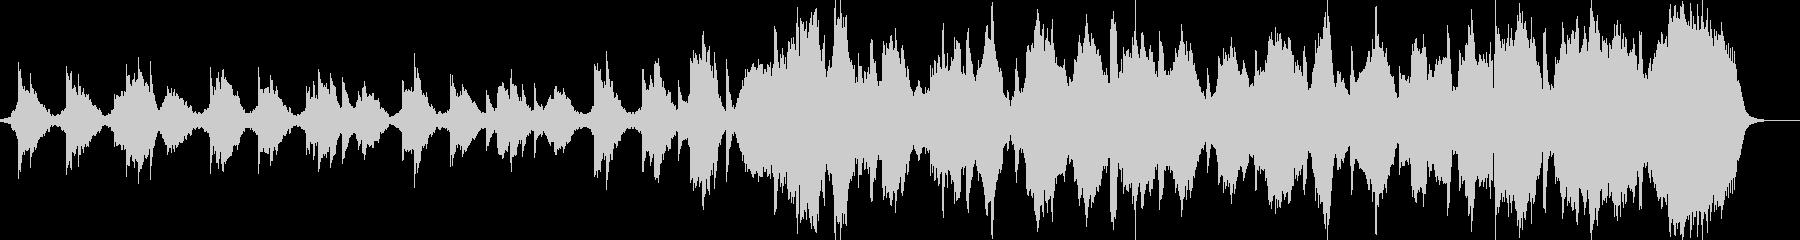 静かで神秘的な映像系BGMの未再生の波形